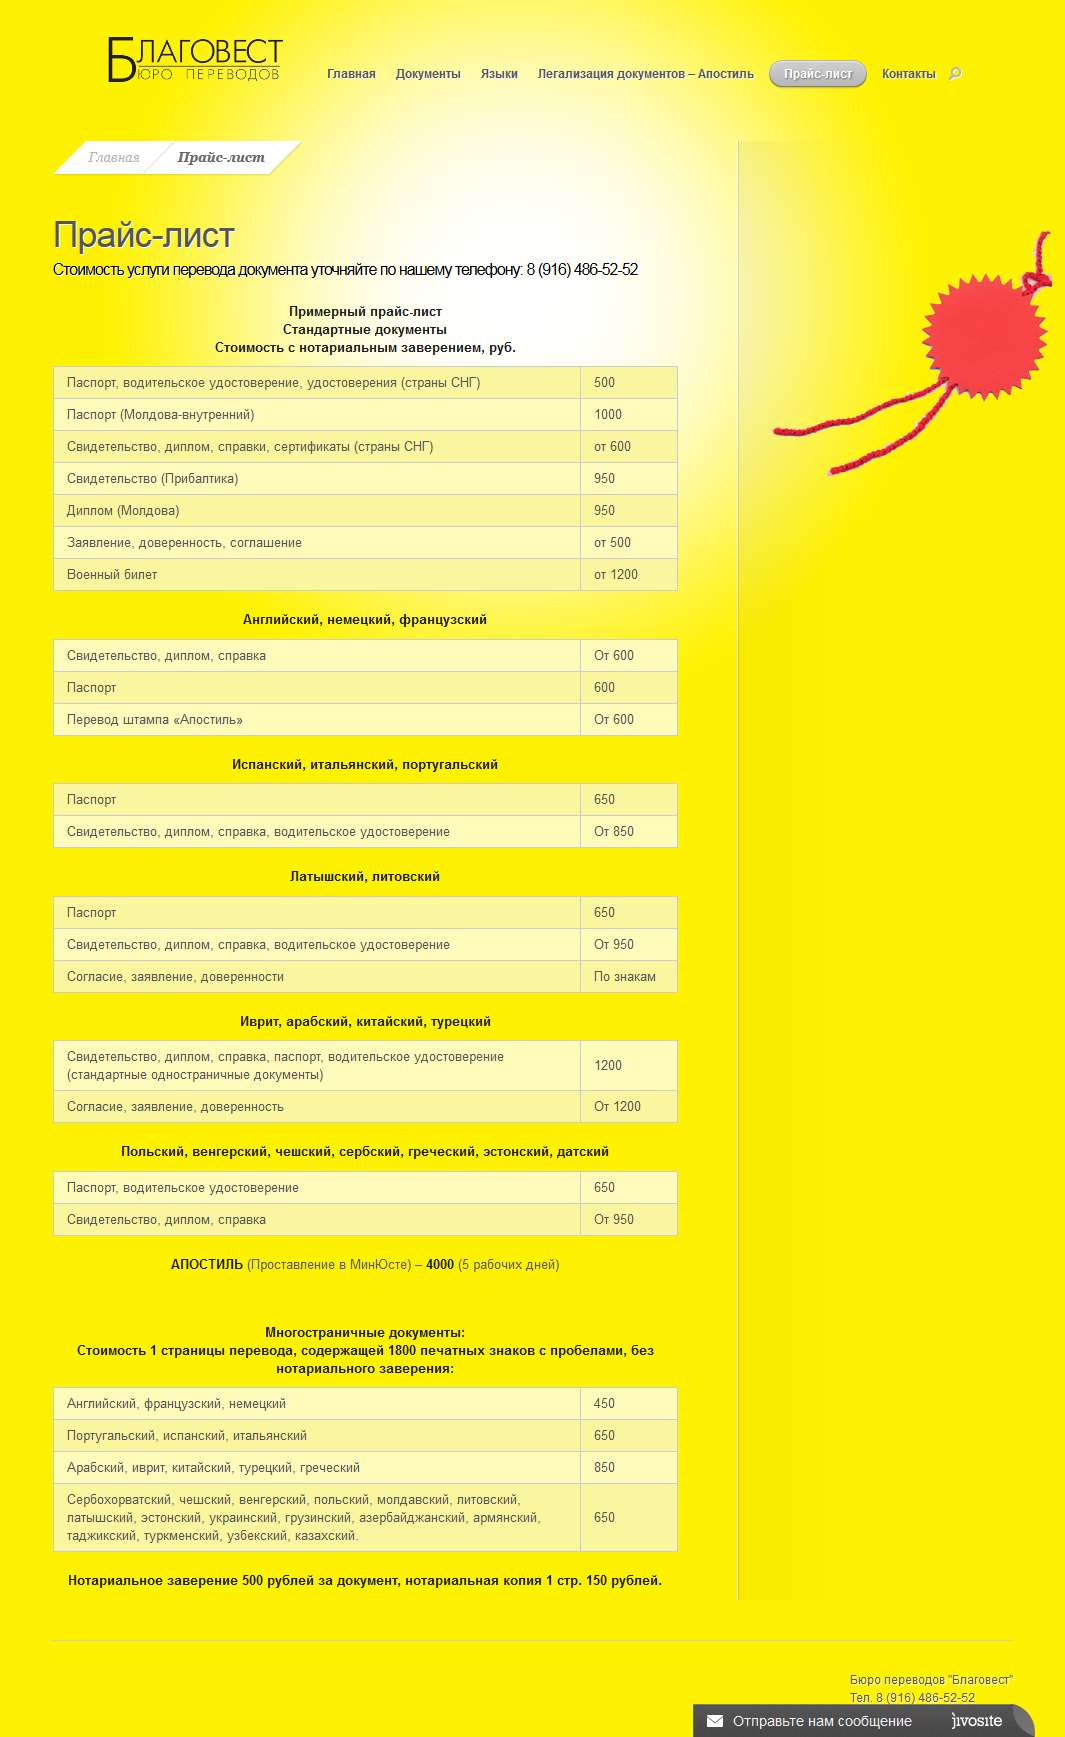 Пример сайта визитки - бюро переводов - пример страницы прайс-лист